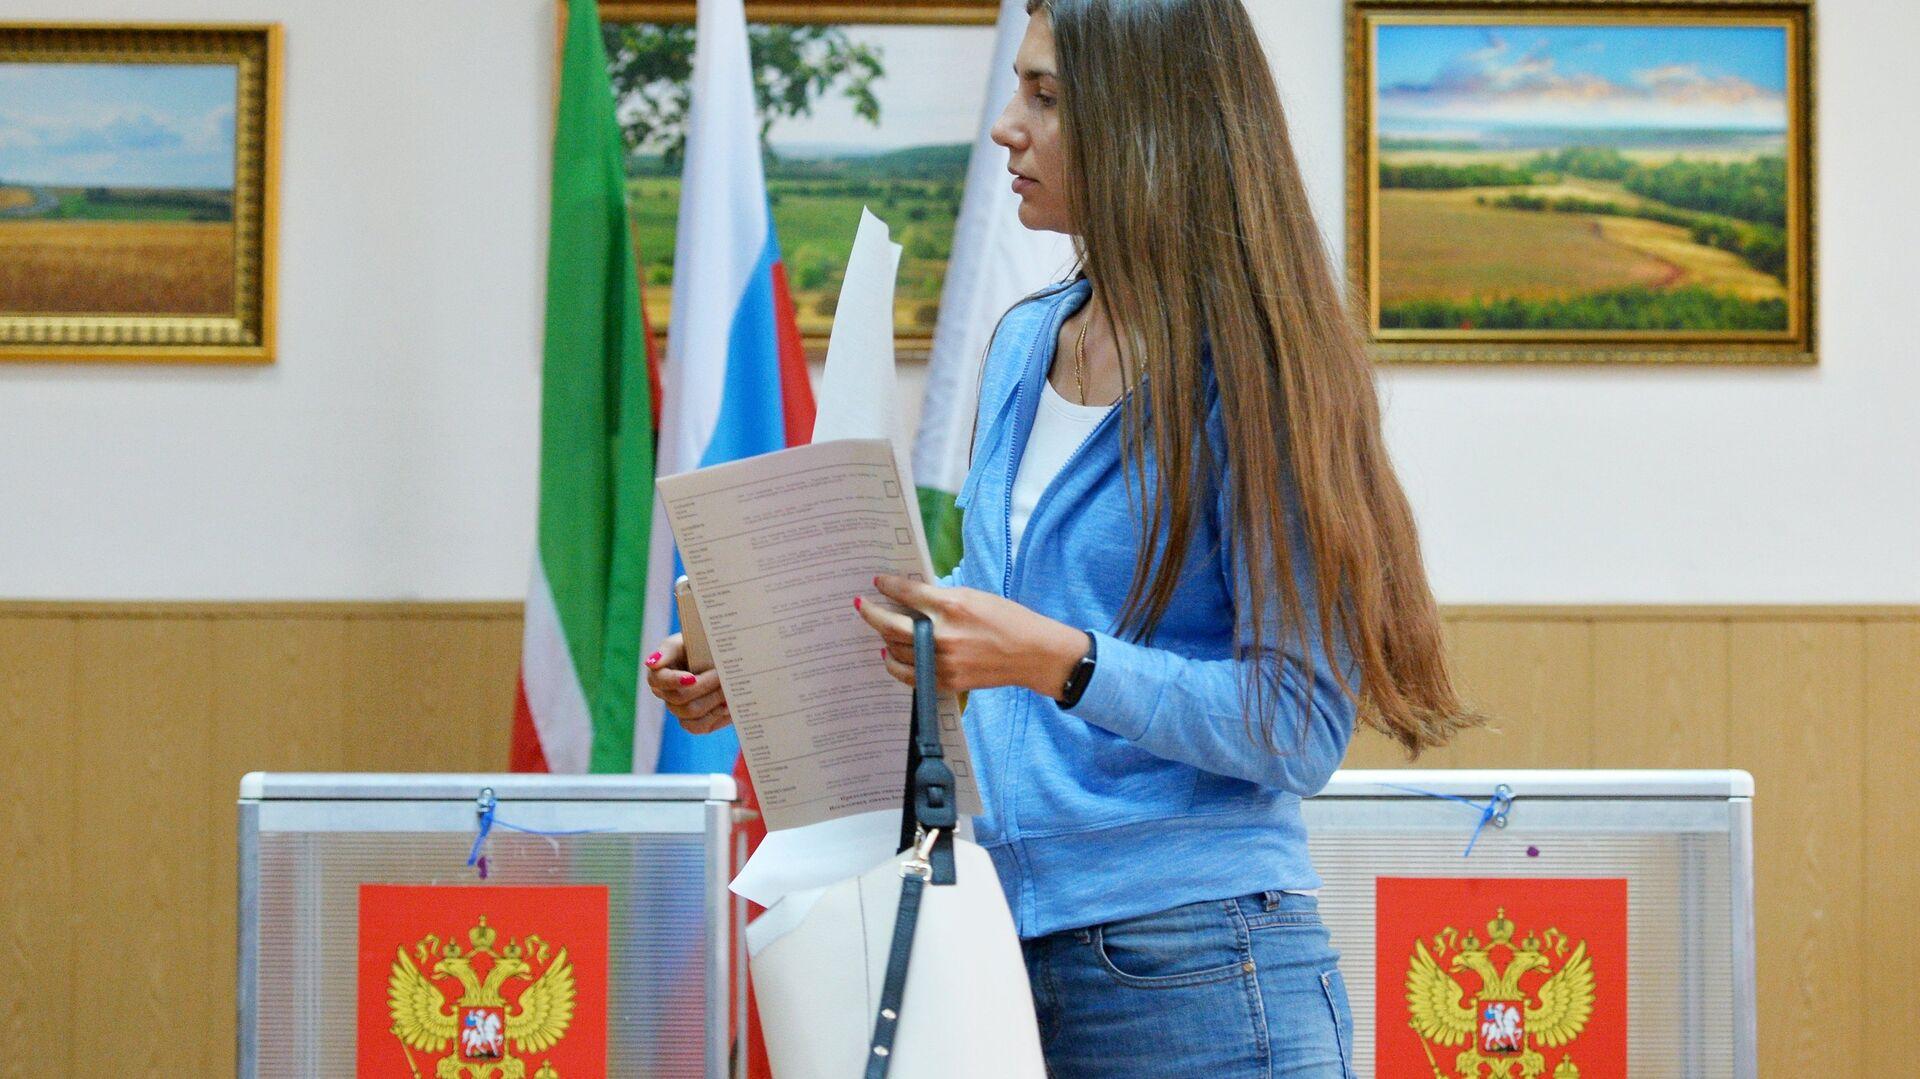 Предварительное голосование за кандидатов от партии Единая Россия, выдвигаемых на выборы в Госдуму - Sputnik Грузия, 1920, 24.09.2021